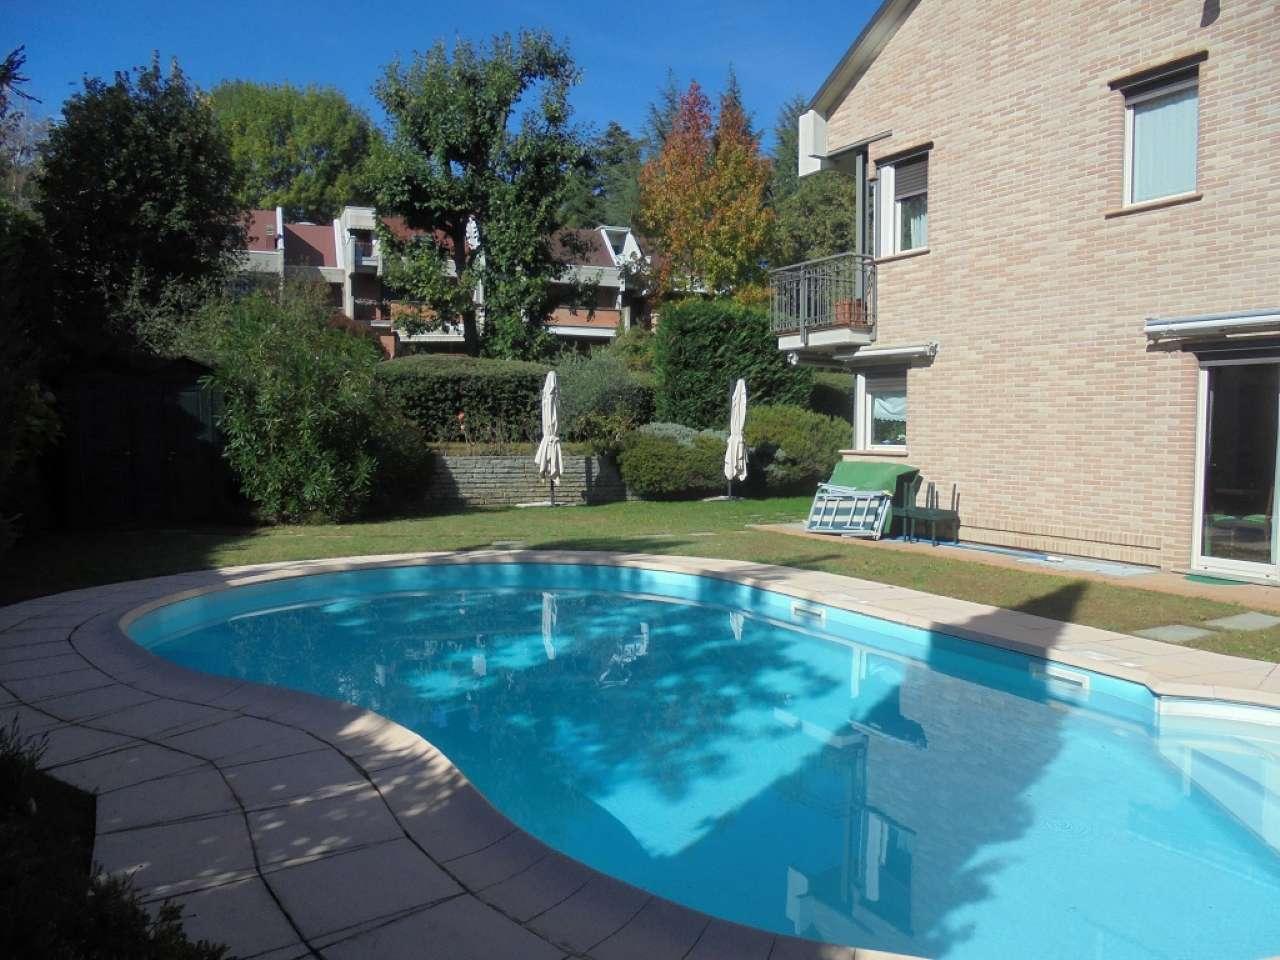 Villa in vendita a Villarbasse, 15 locali, prezzo € 595.000 | CambioCasa.it